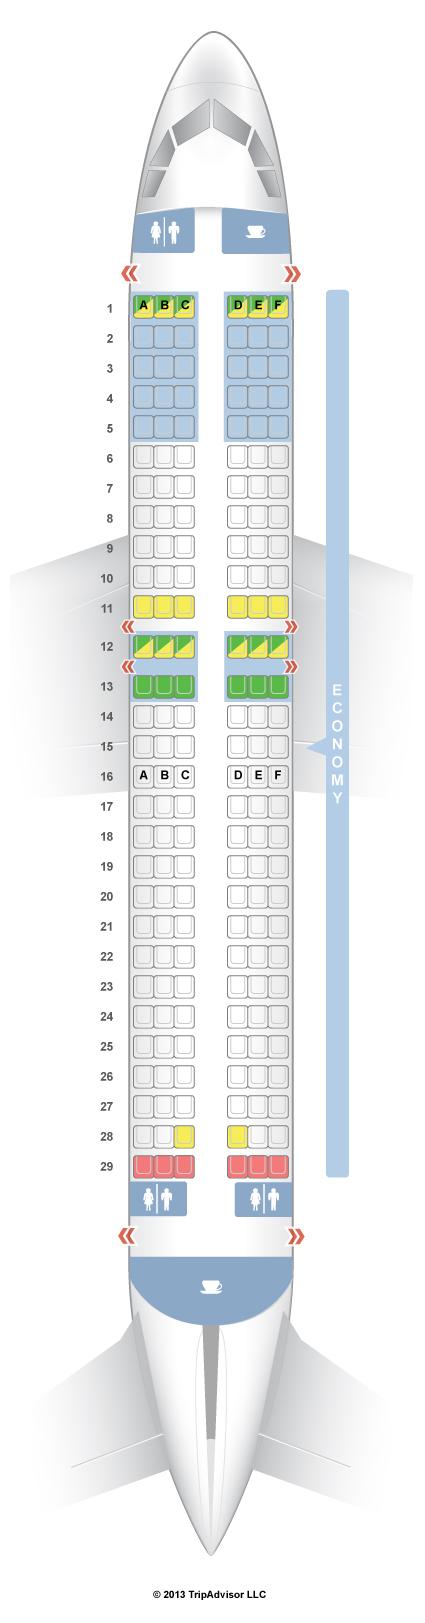 Seatguru Seat Map Volaris Airbus A320 320